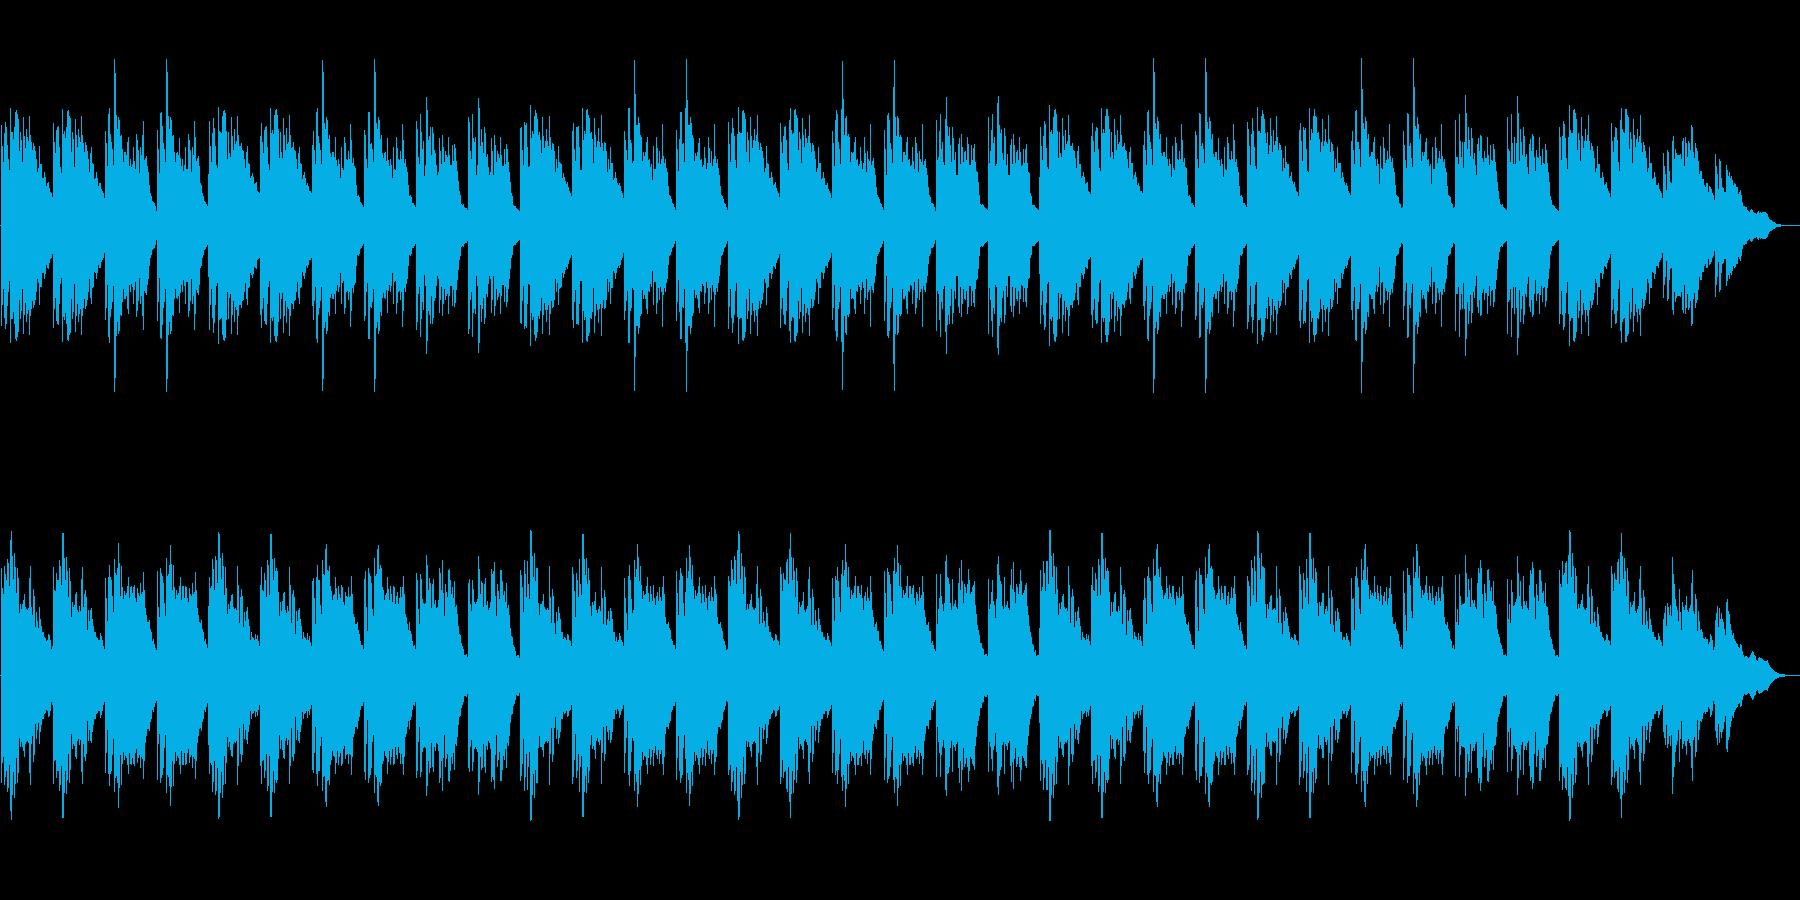 落ち着き・神秘的・ハープ・映像・ゲーム用の再生済みの波形